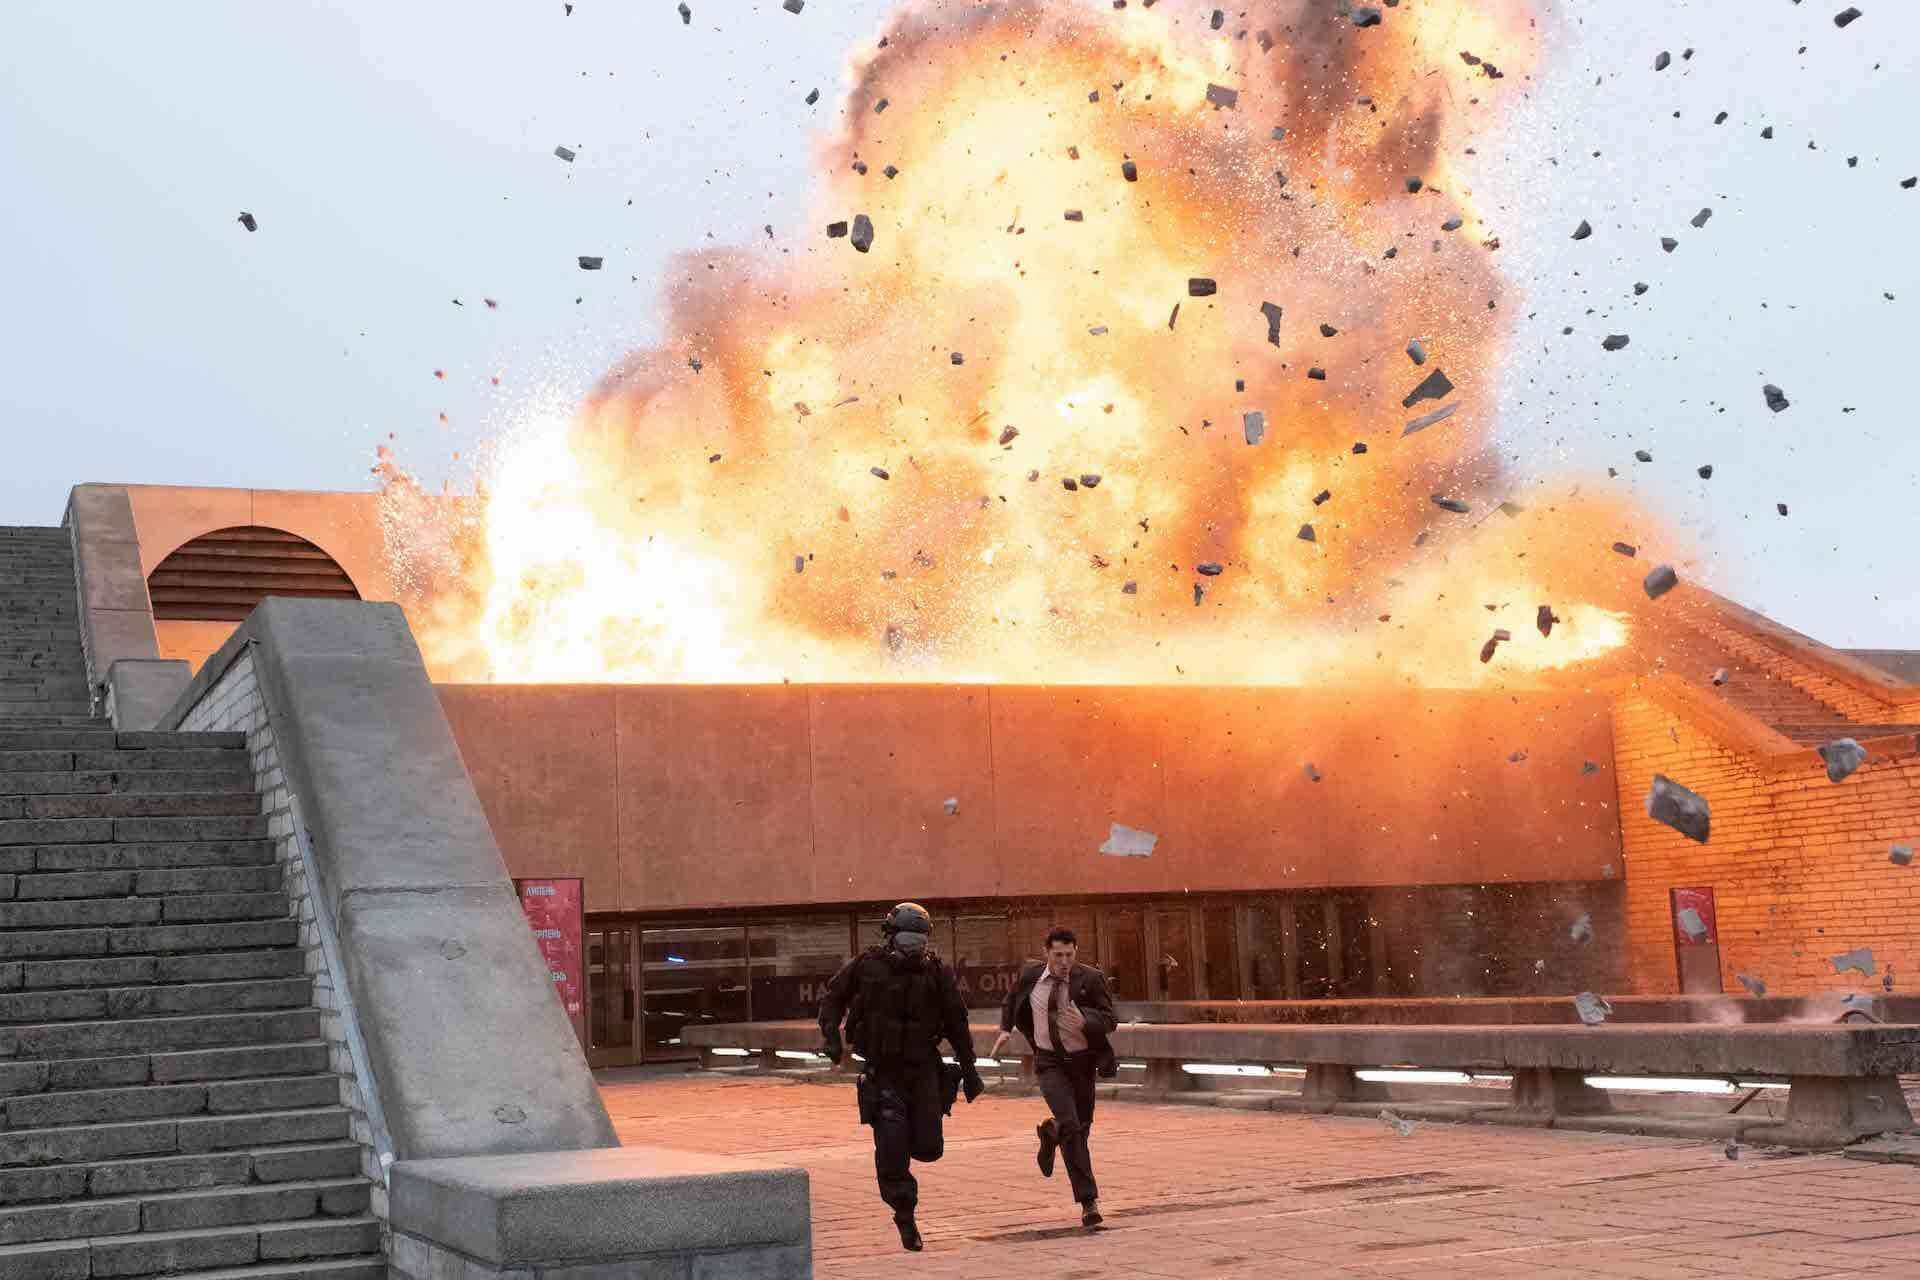 『ダークナイト』に続き『ダンケルク』も4D&IMAXで上映決定!クリストファー・ノーラン最新作『TENET テネット』公開間近 film200717_tenet_dunkirk_6